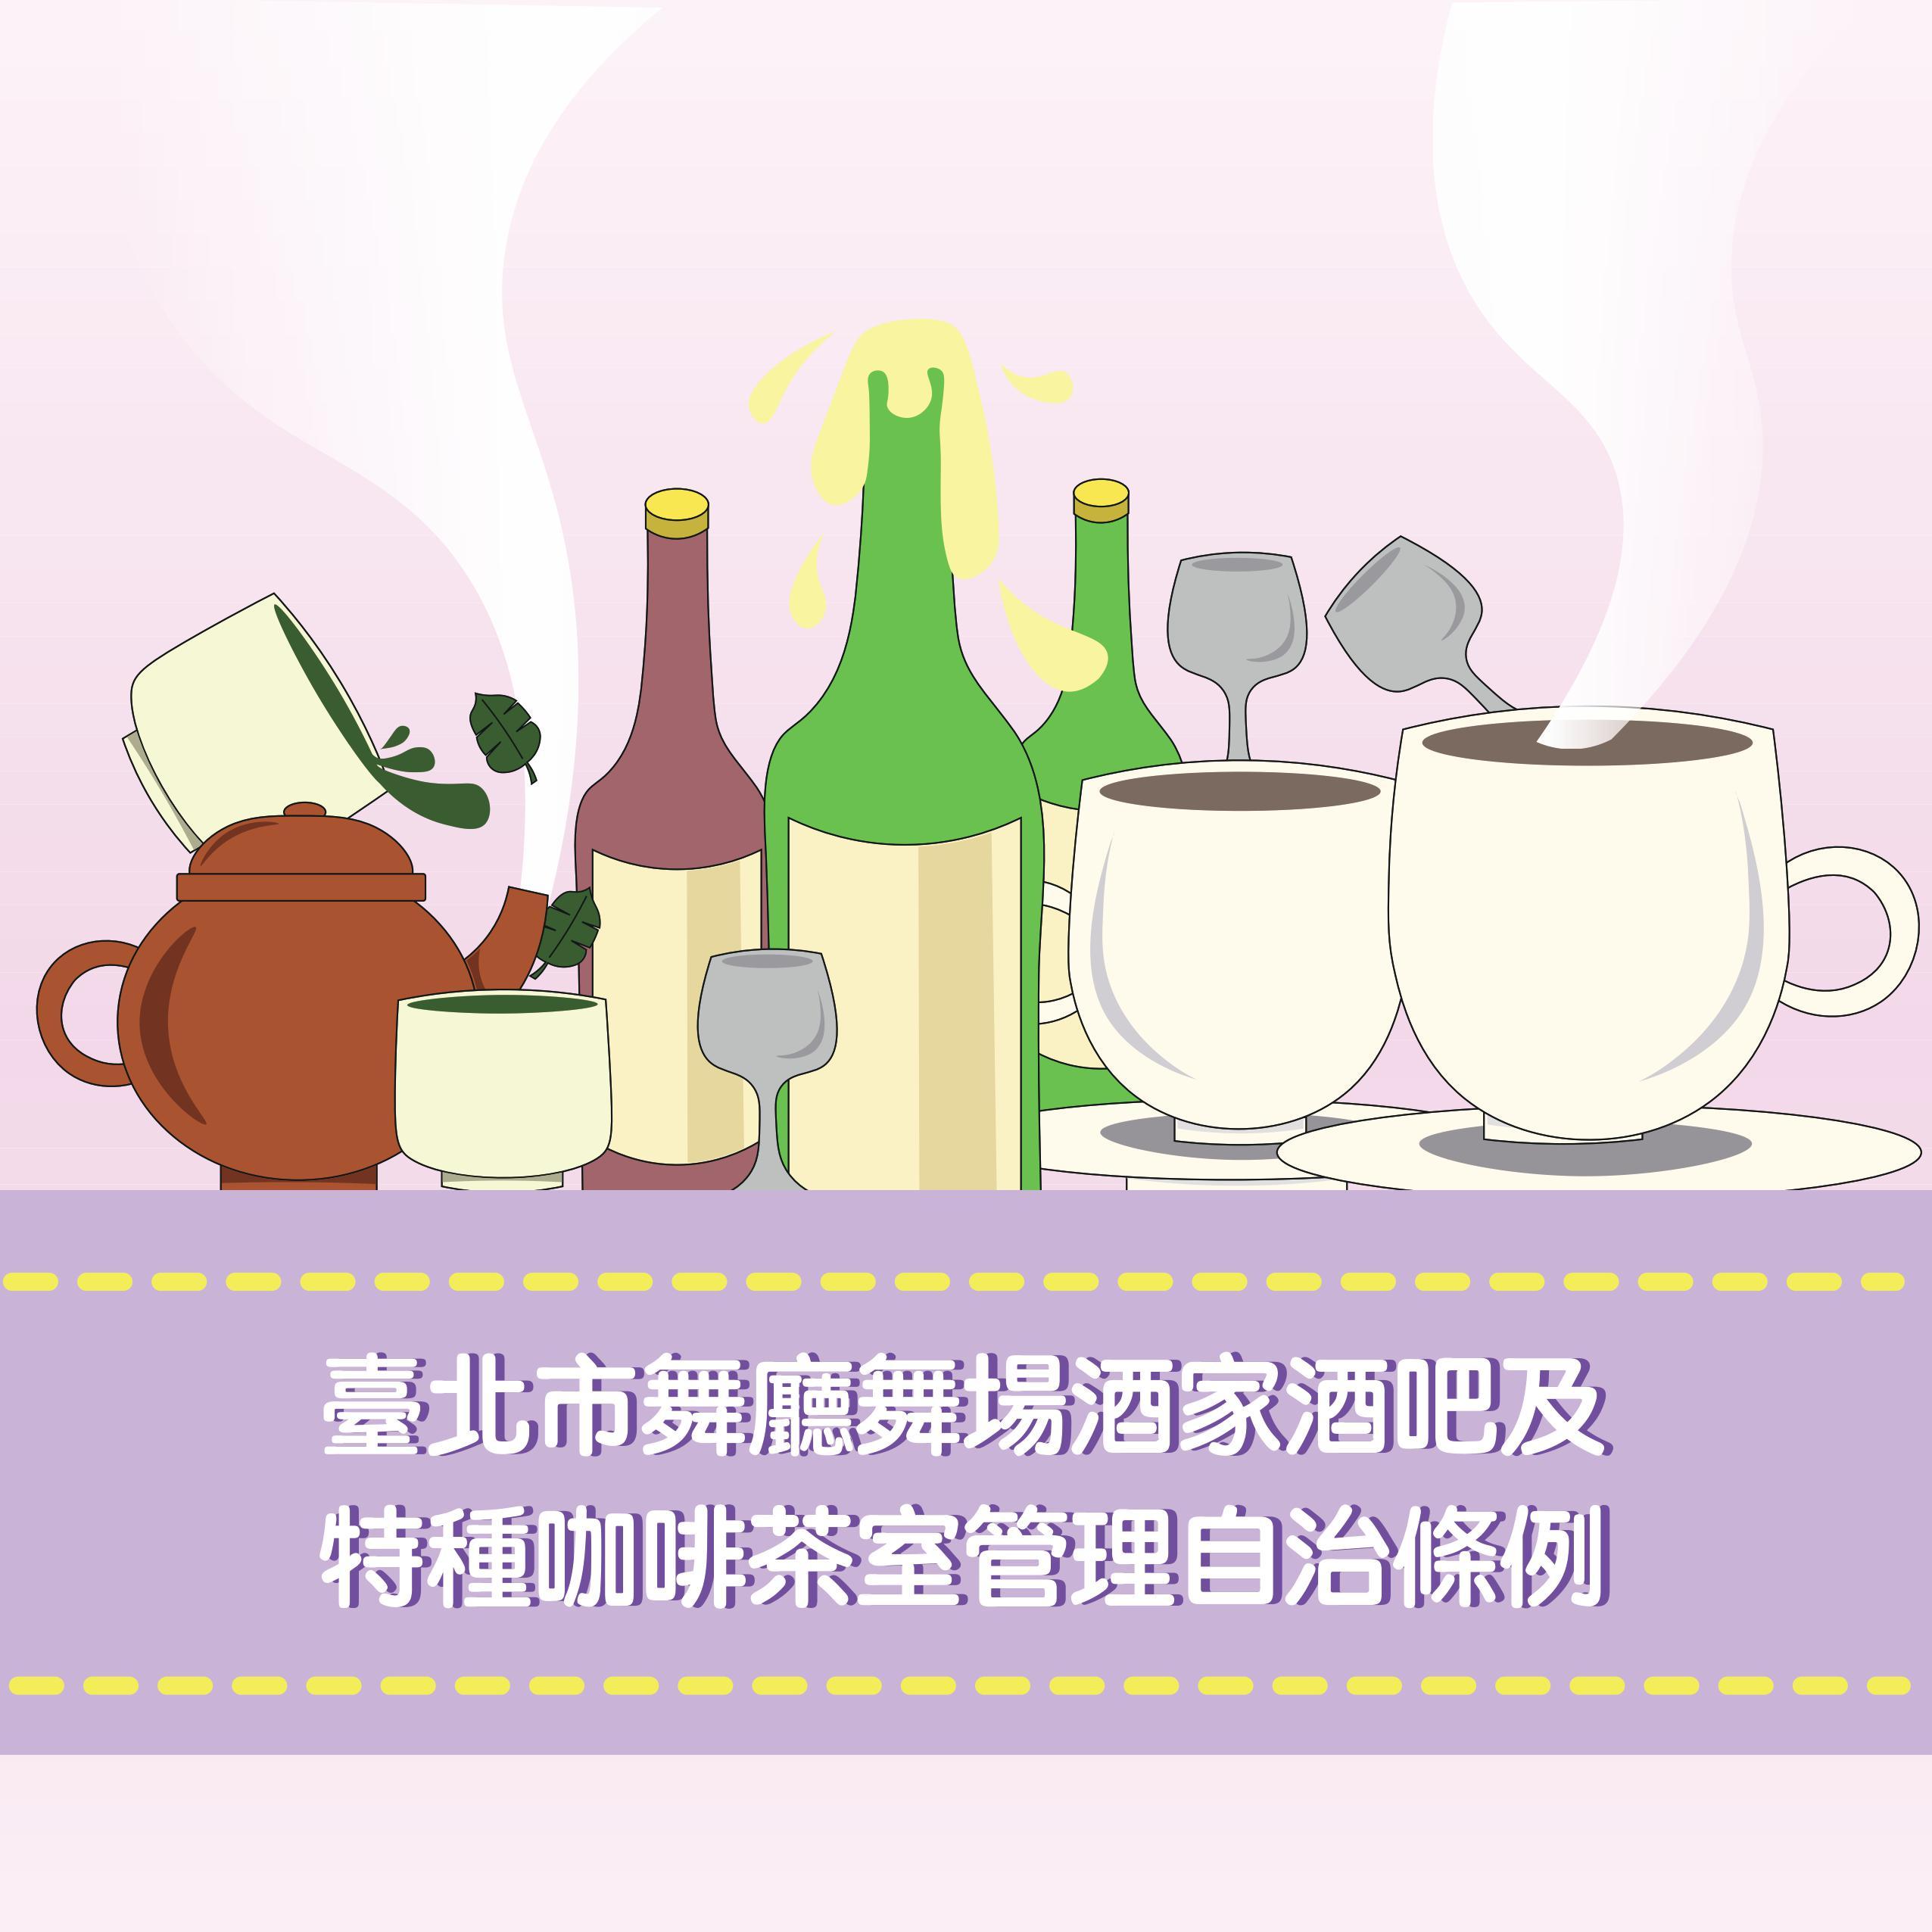 臺北市舞廳舞場酒家酒吧及特種咖啡茶室管理自治條例連結